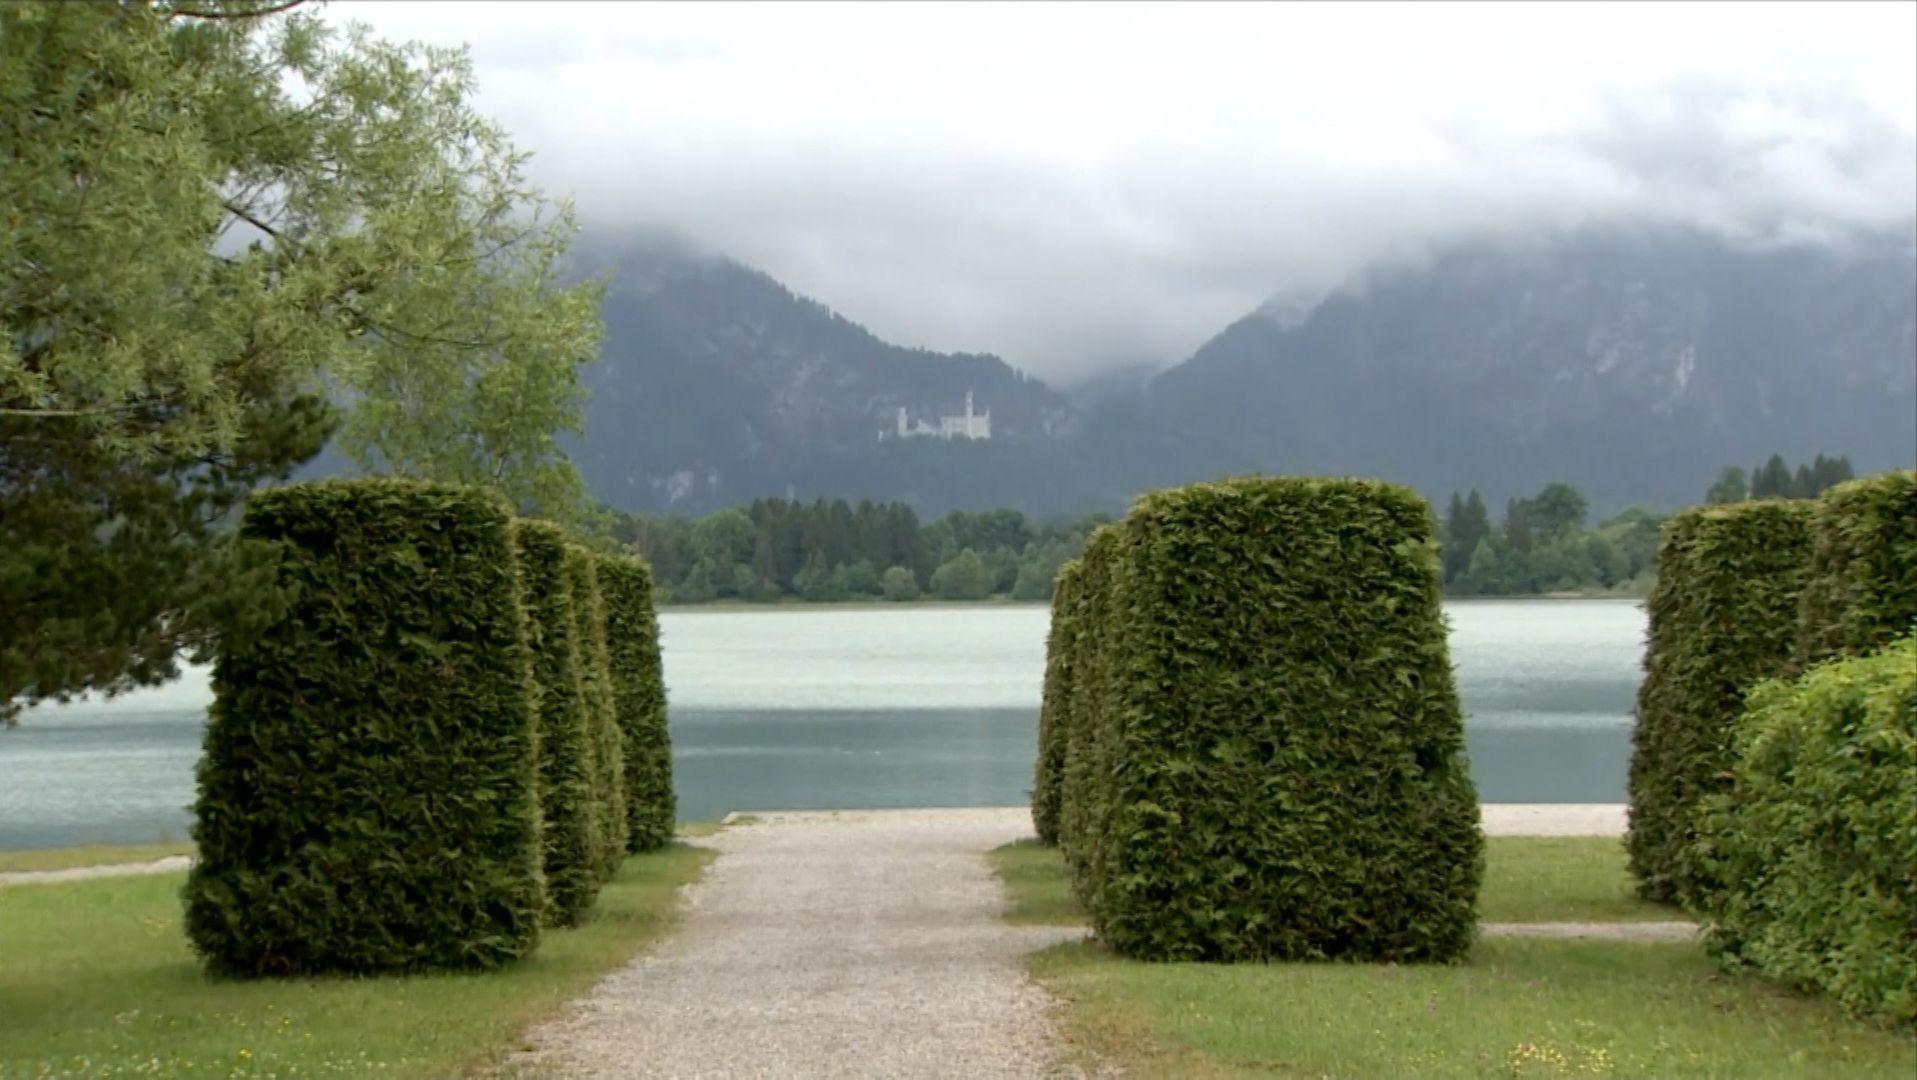 Der Stadtrat Füssen hat am Dienstagnachmittag entschieden, dass das Bürgerbegehren gegen das geplante Luxushotel am Festspielhaus direkt am Ufer des Forggensees zulässig ist.